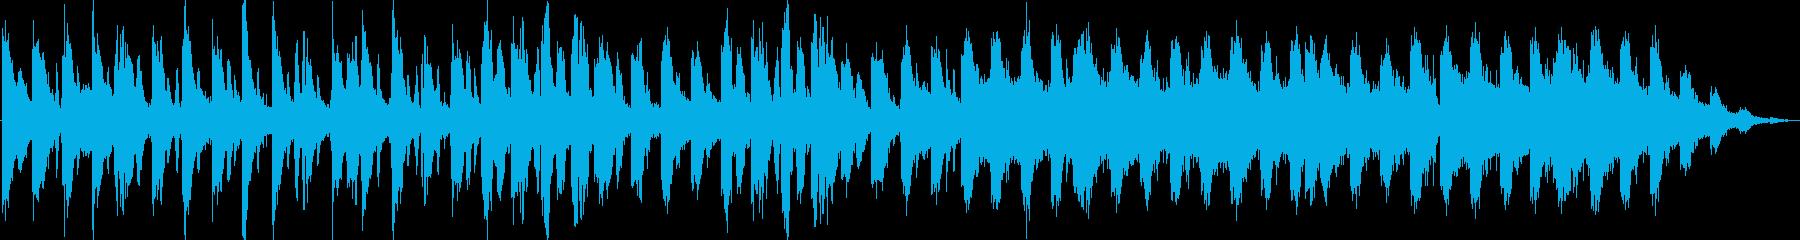 四つ打ちのシンセ系 JAZZ風な響きの再生済みの波形